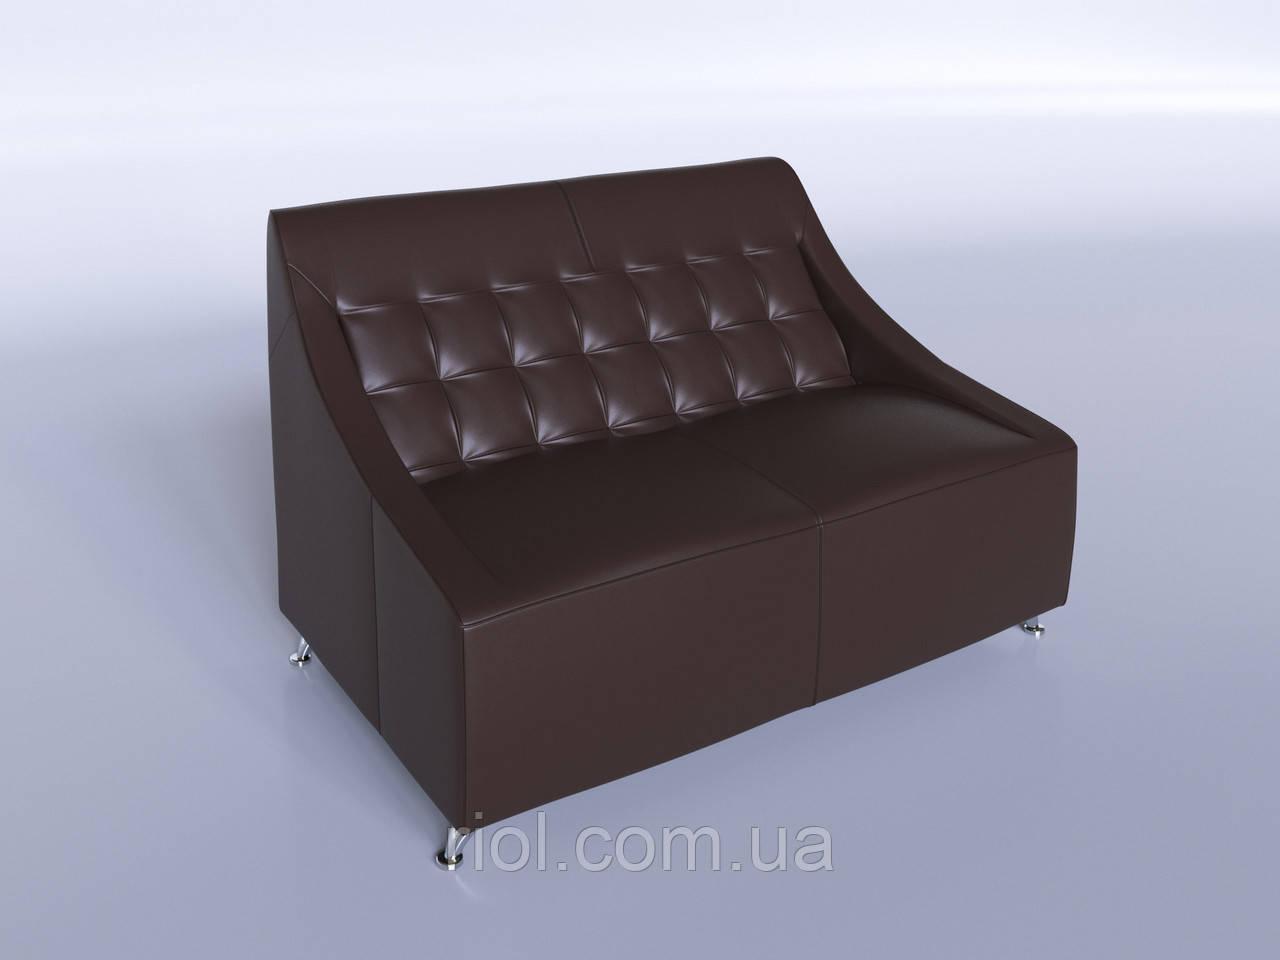 Офісний диван Поліс коричневий